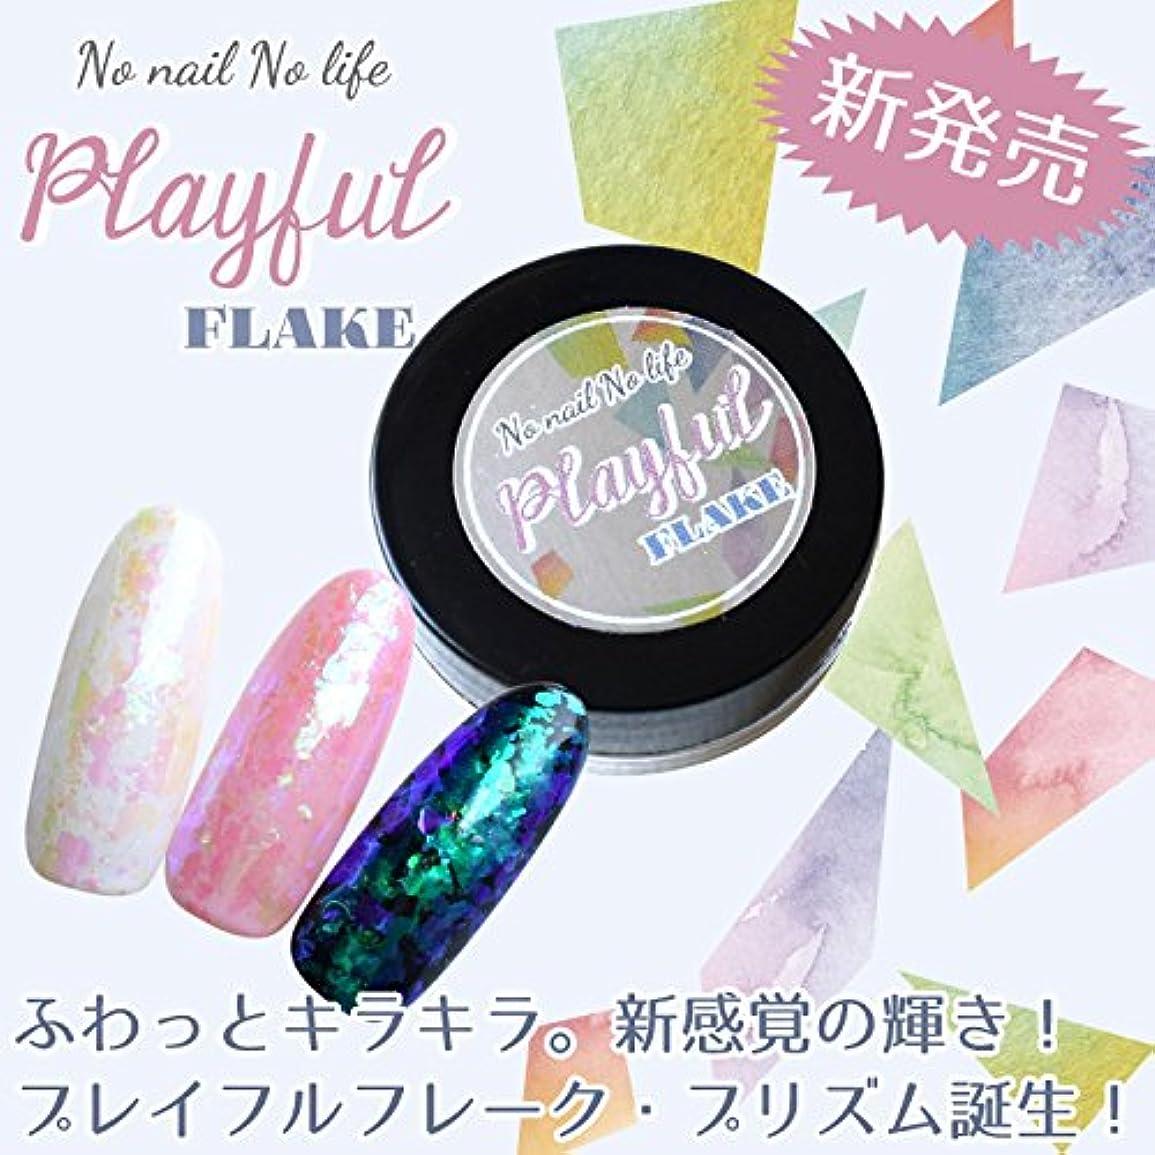 【ネイル】プレイフルフレーク プリズム